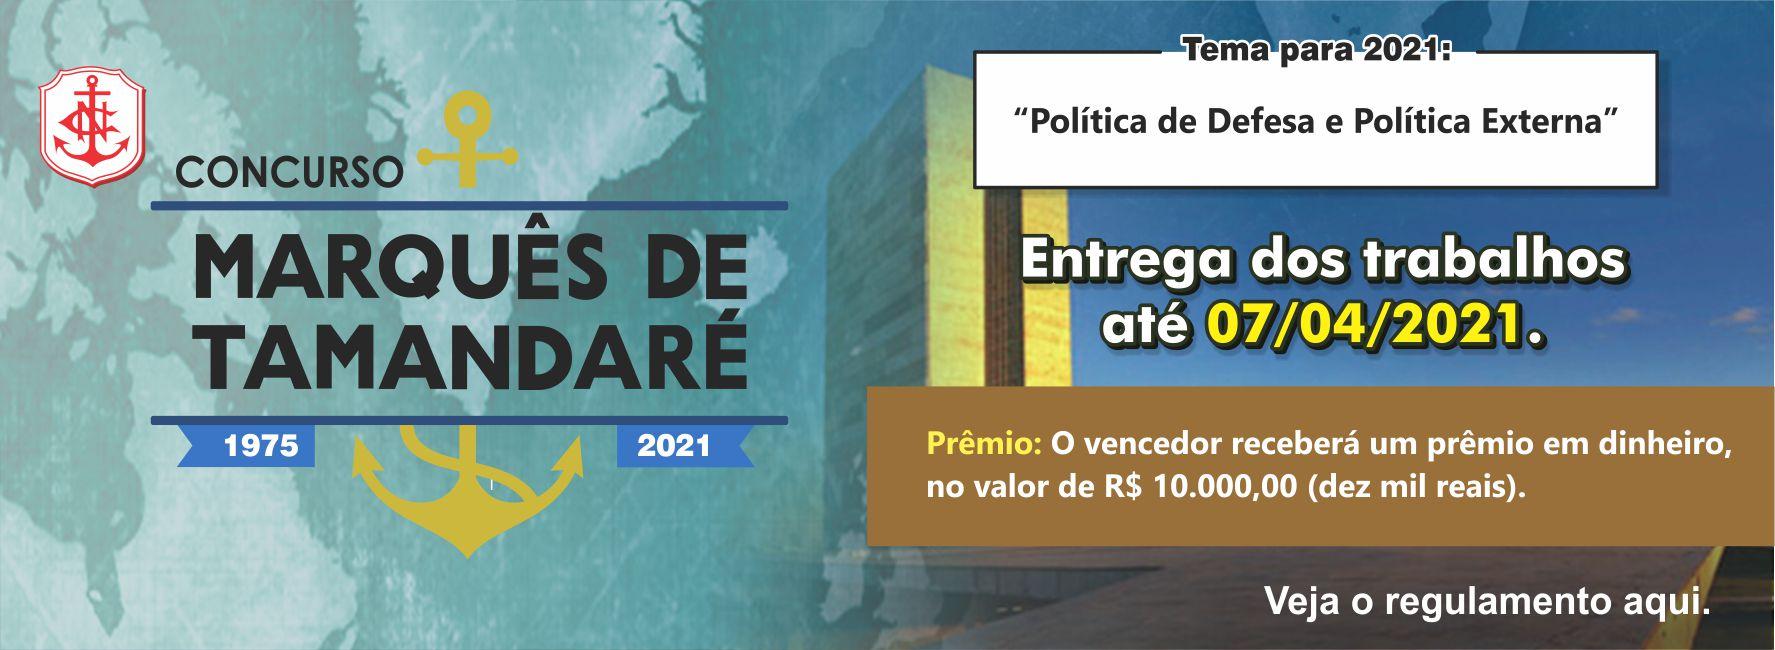 https://www.clubenaval.org.br/novo/?q=concurso-almirante-tamandar%C3%A9-2021